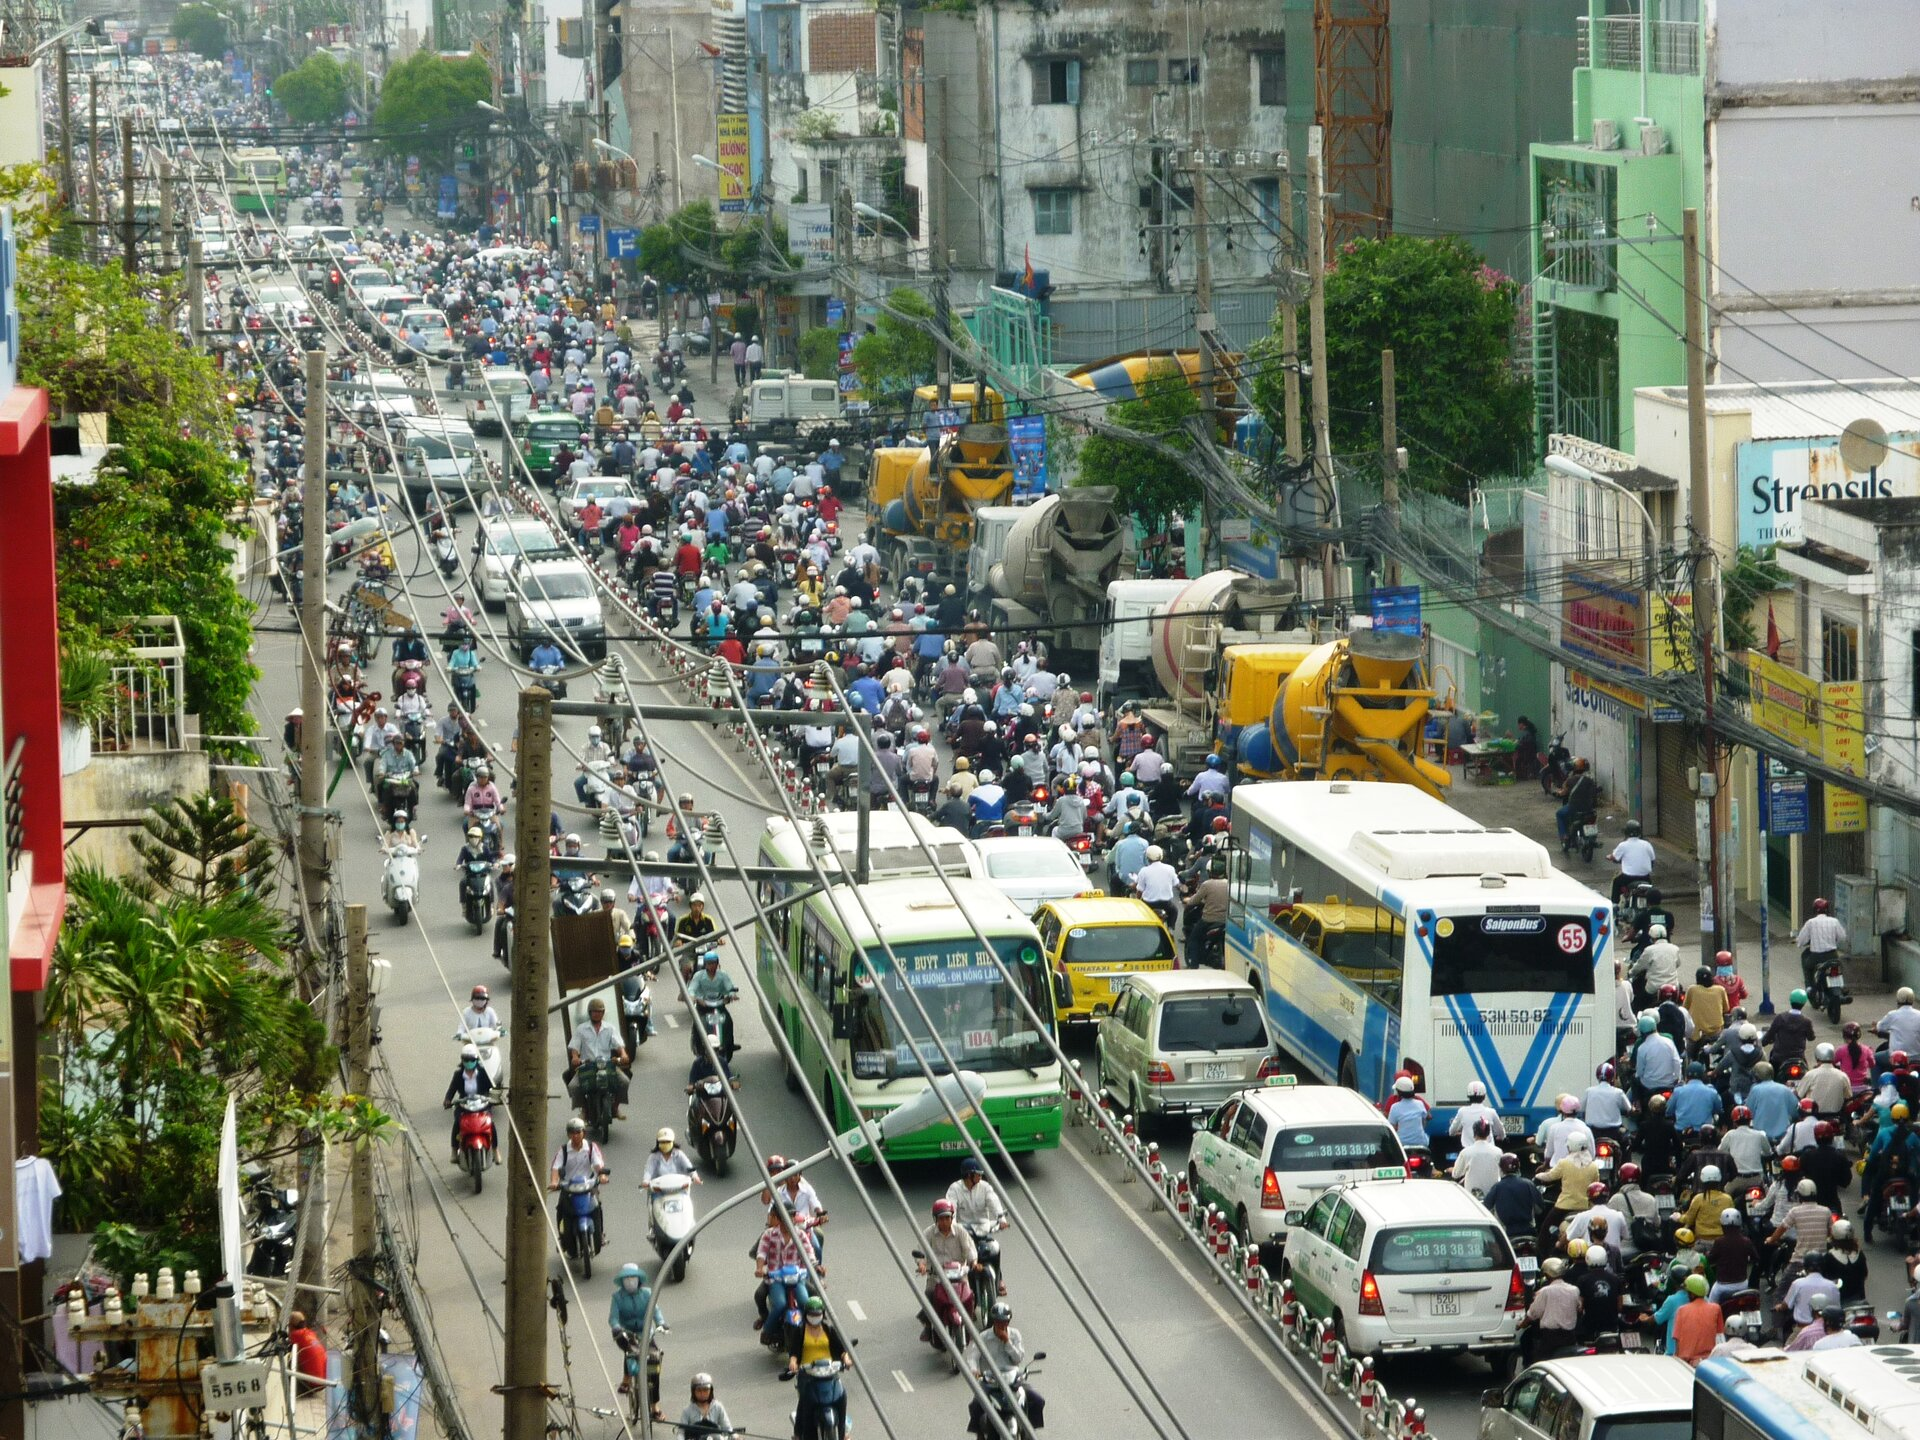 Na zdjęciu zatłoczona ulica wmieście. Bardzo duży ruch, przewaga motocykli.